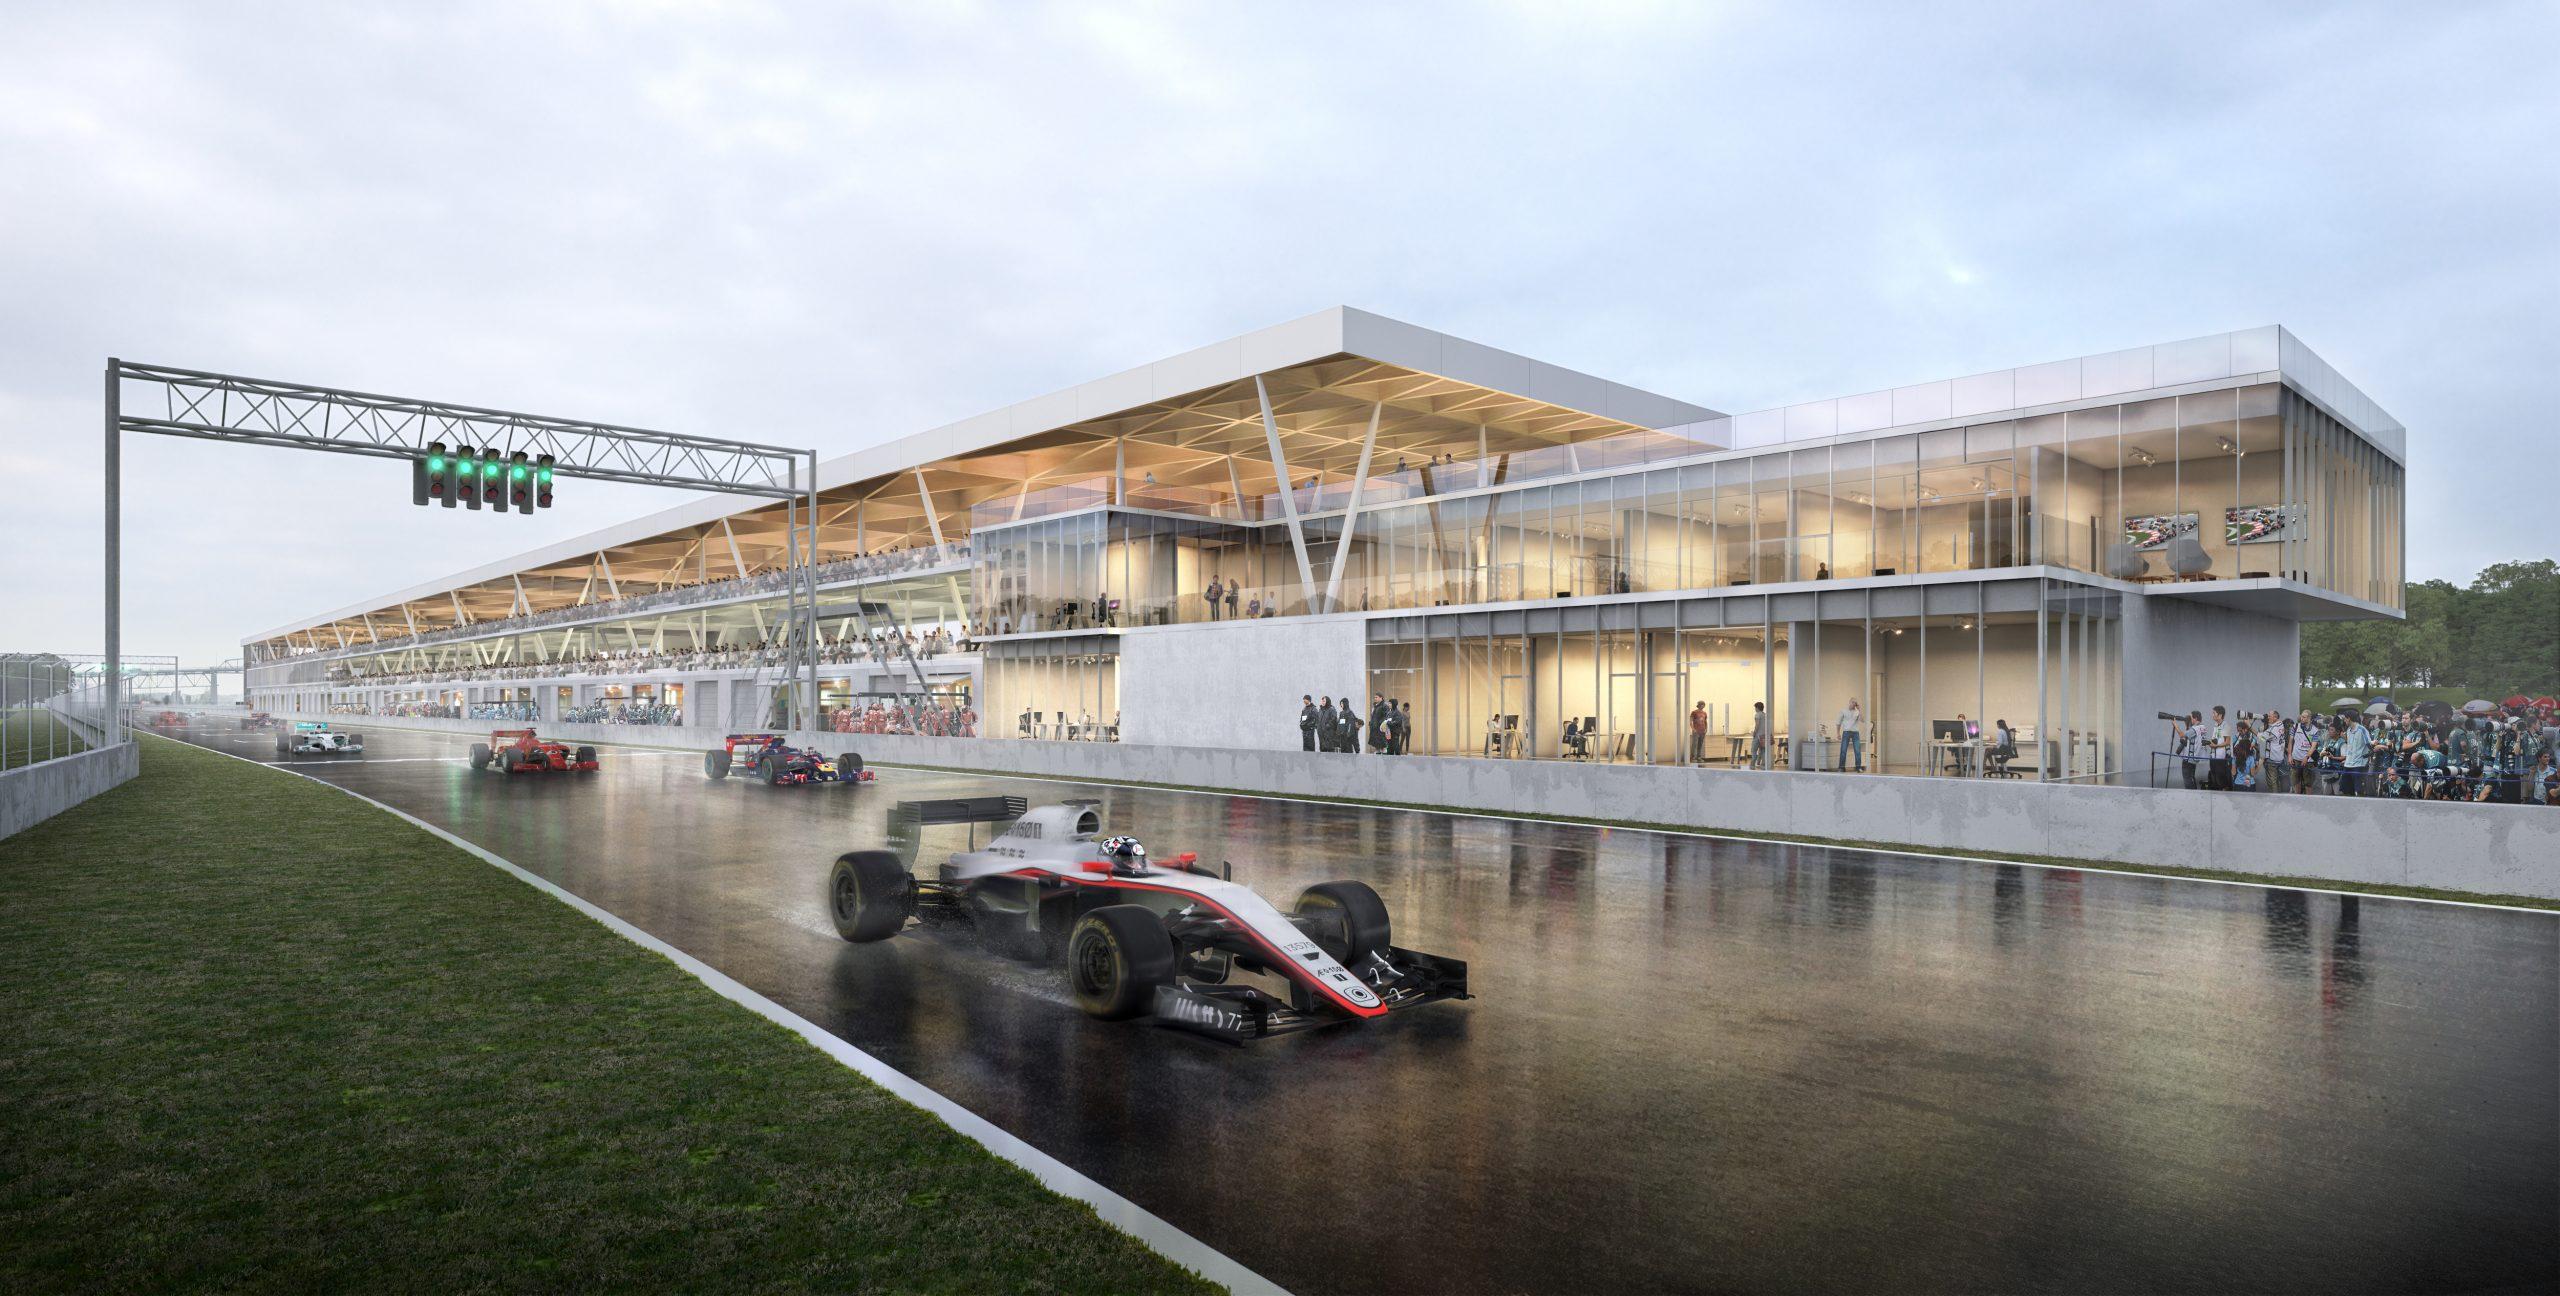 Réfection des infrastructures – Grand prix de Formule 1 Cecobois 1